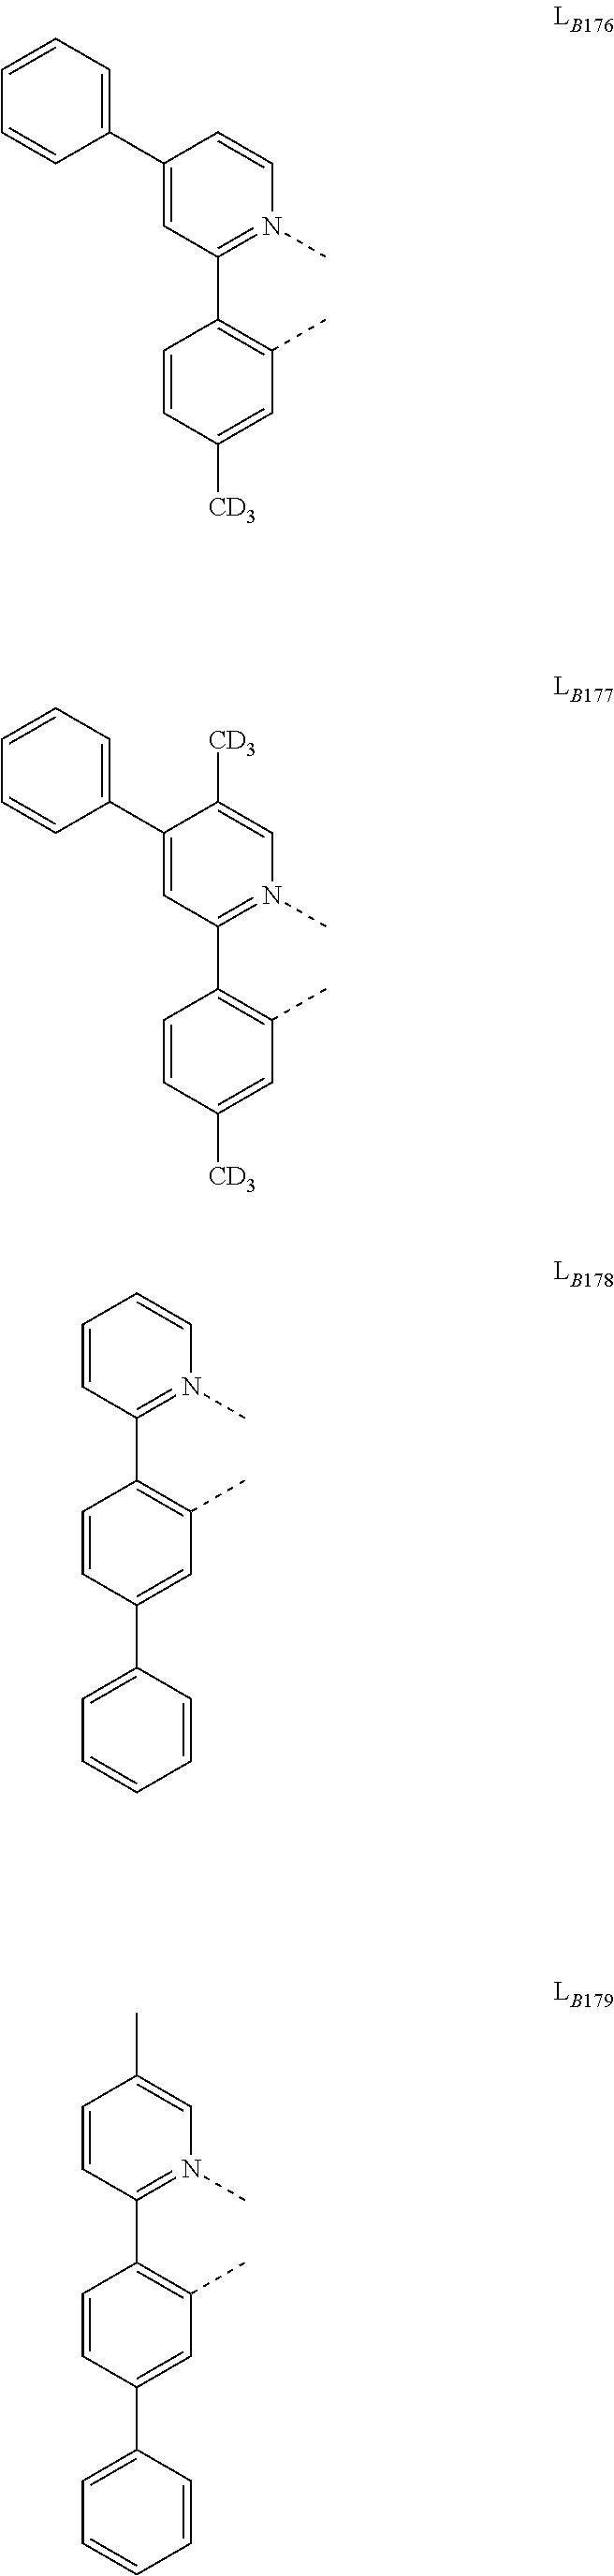 Figure US09929360-20180327-C00075